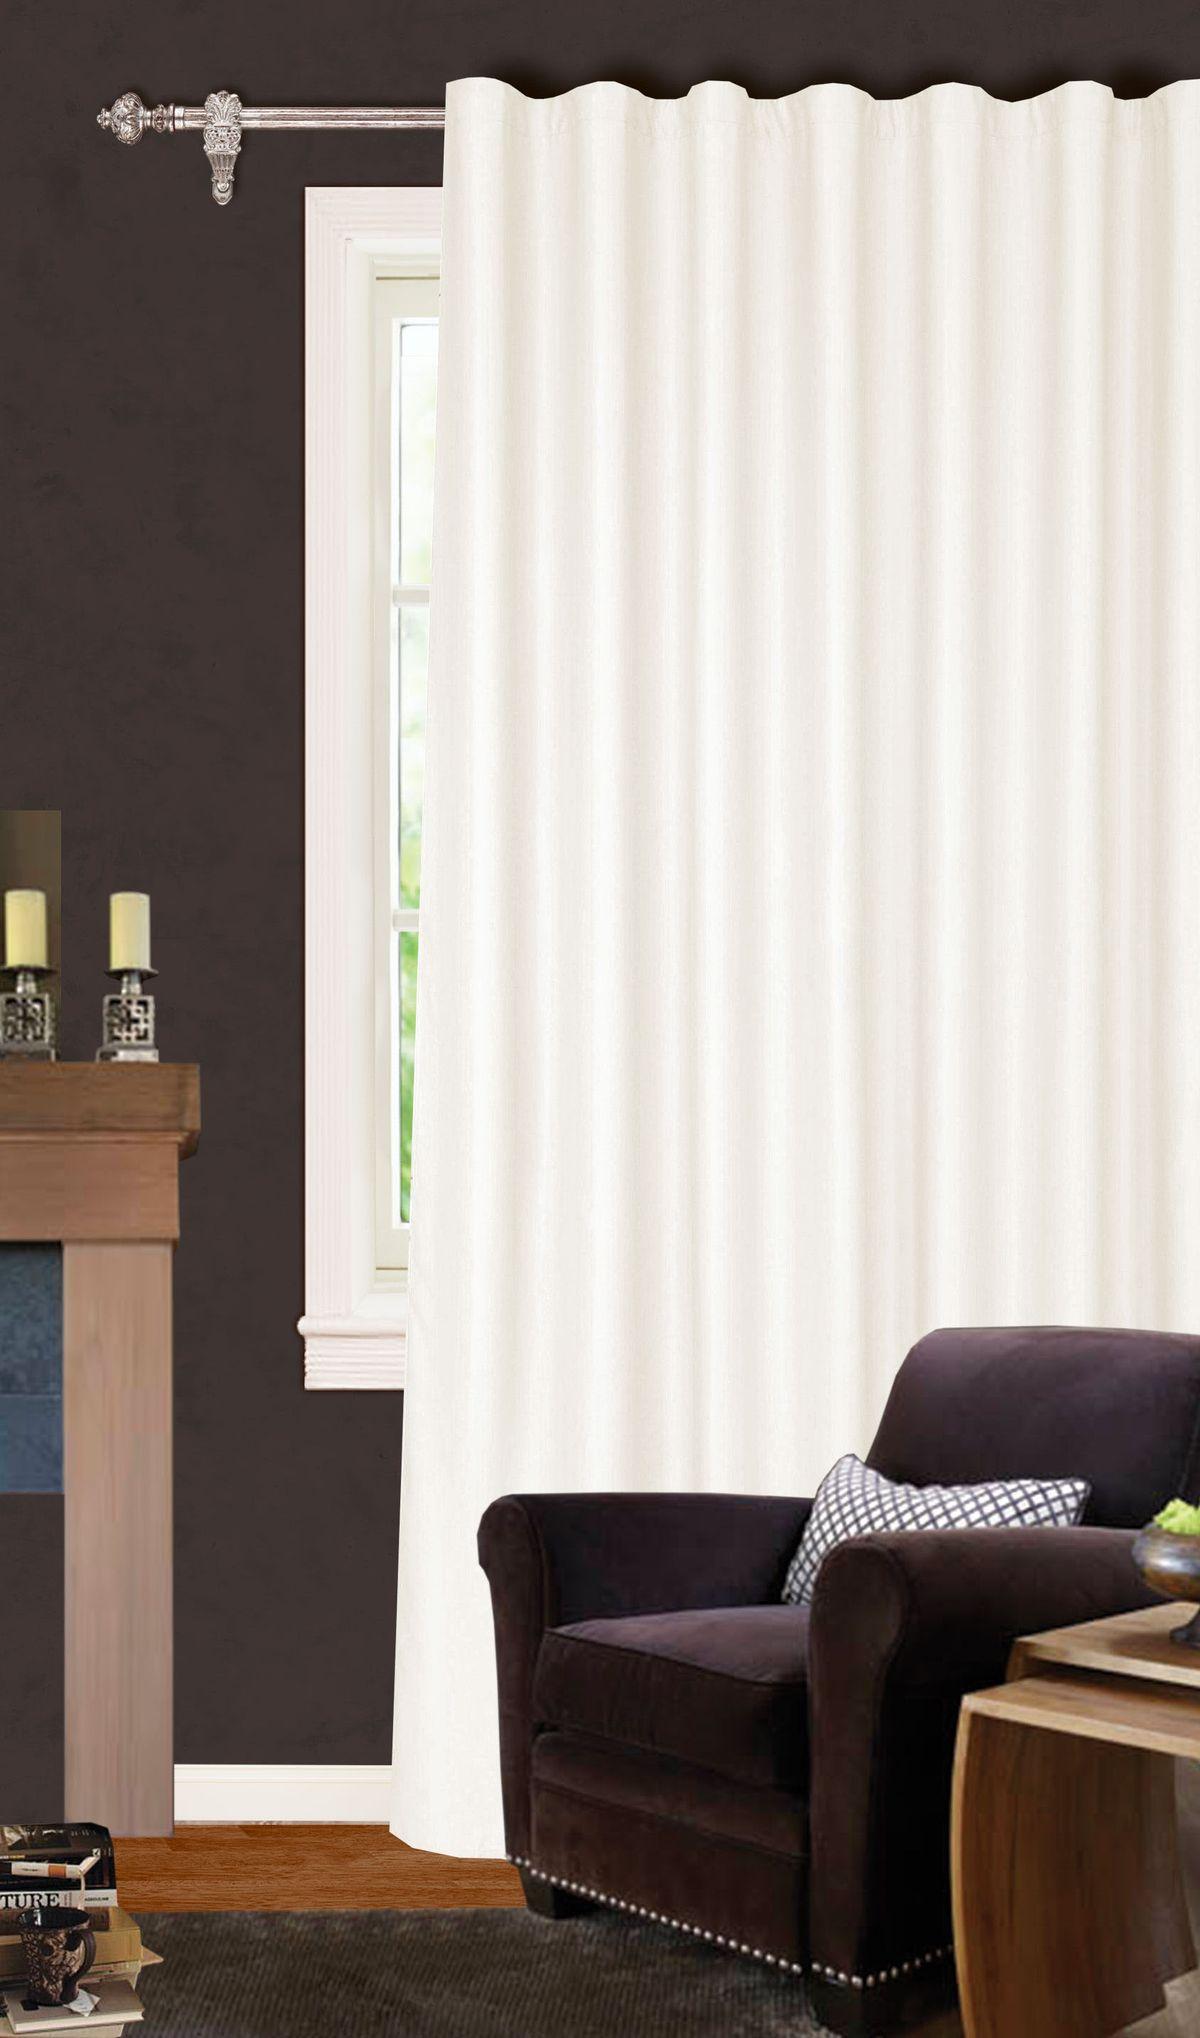 Штора готовая Garden, на ленте, цвет: экрю, 200х260 см. С W1223 V71173С W1223 V71173Изящная штора для гостиной Garden выполнена из плотной ткани. Приятная текстура и цвет привлекут к себе внимание и органично впишутся в интерьер помещения. Штора крепится на карниз при помощи ленты, которая поможет красиво и равномерно задрапировать верх.